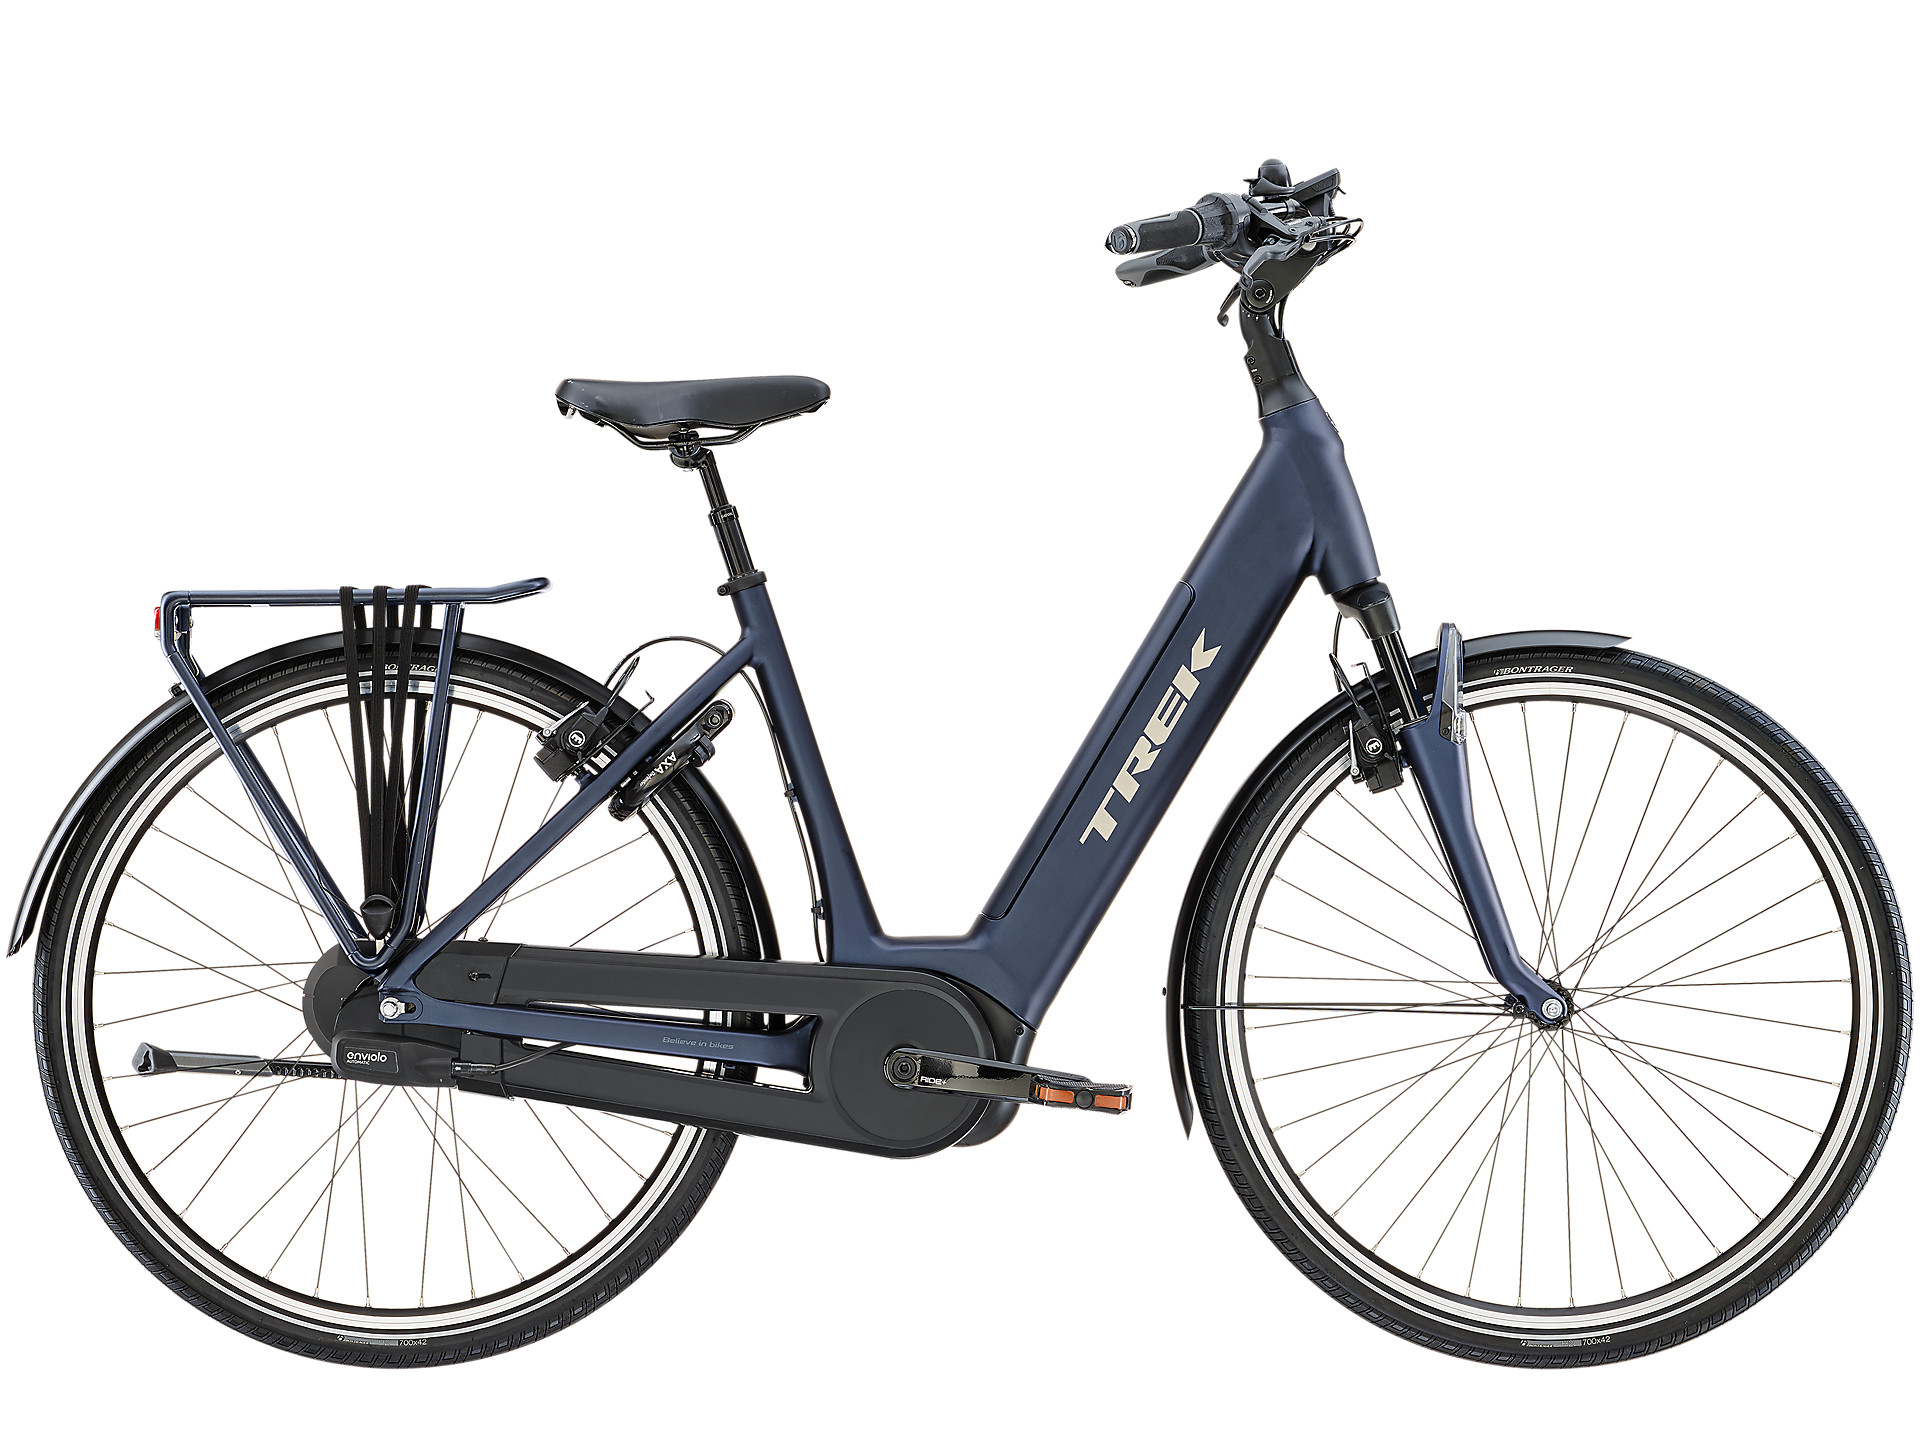 Verwonderend Elektrische fietsen | Trek Bikes (NL) FO-75